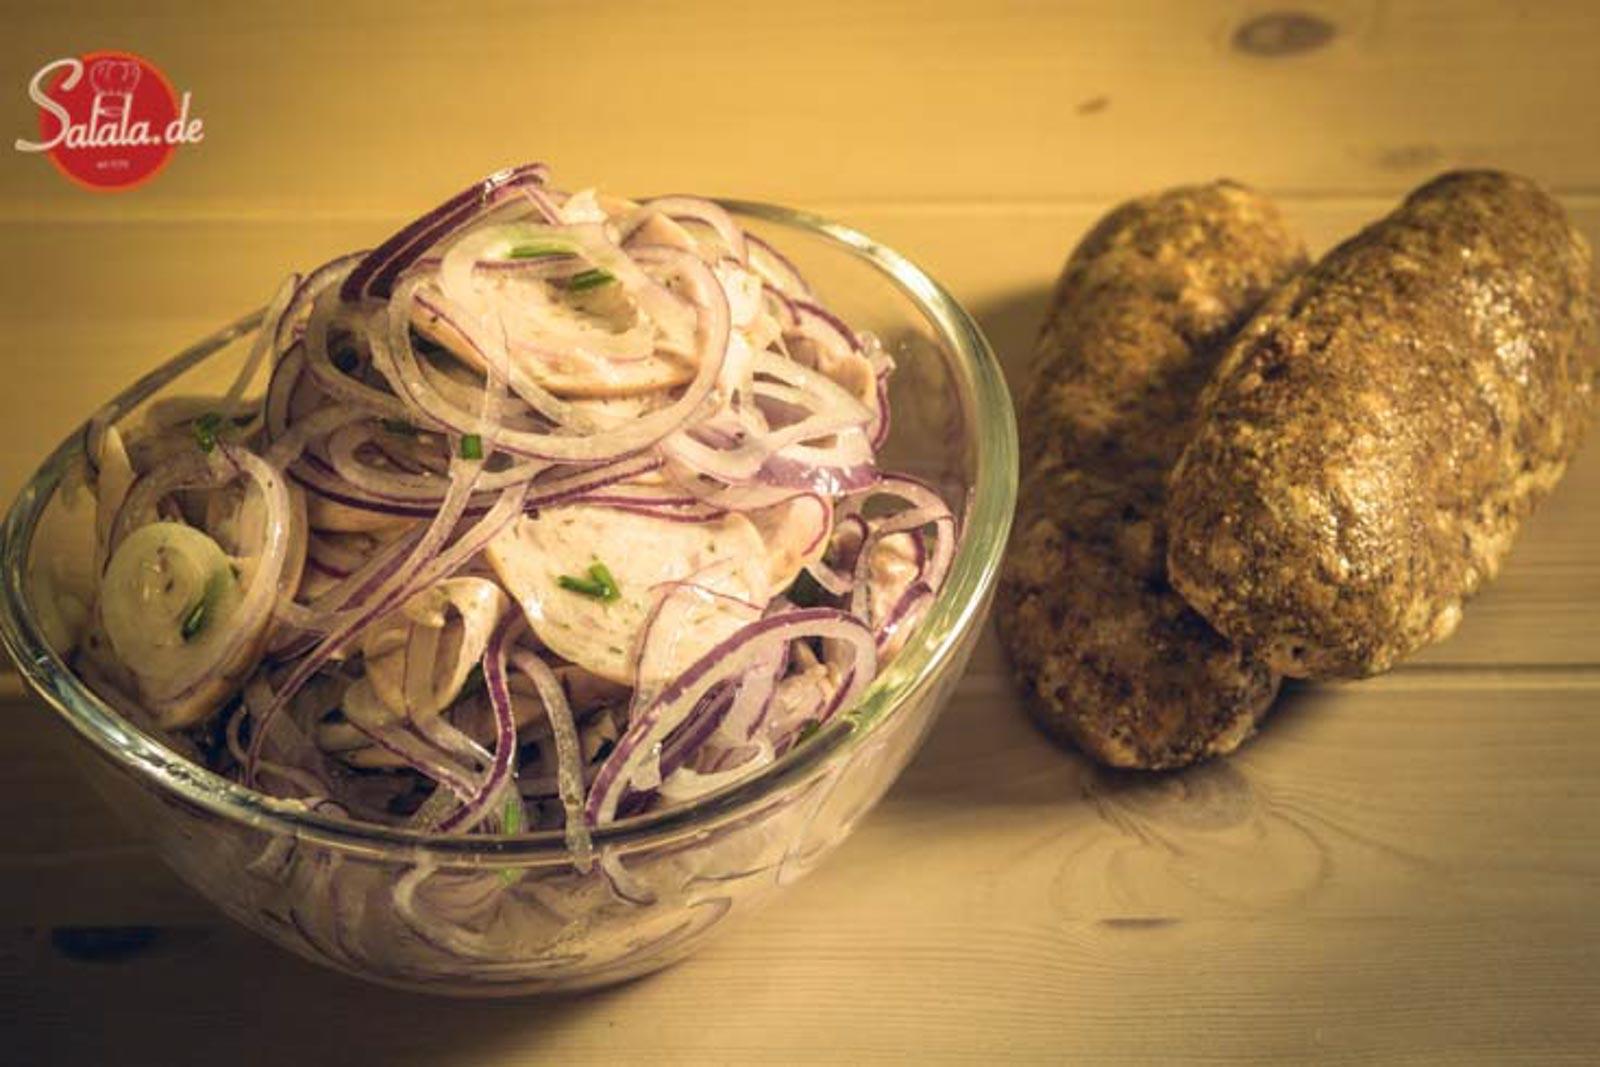 Wurstsalat echt bayrisch low carb glutenfrei